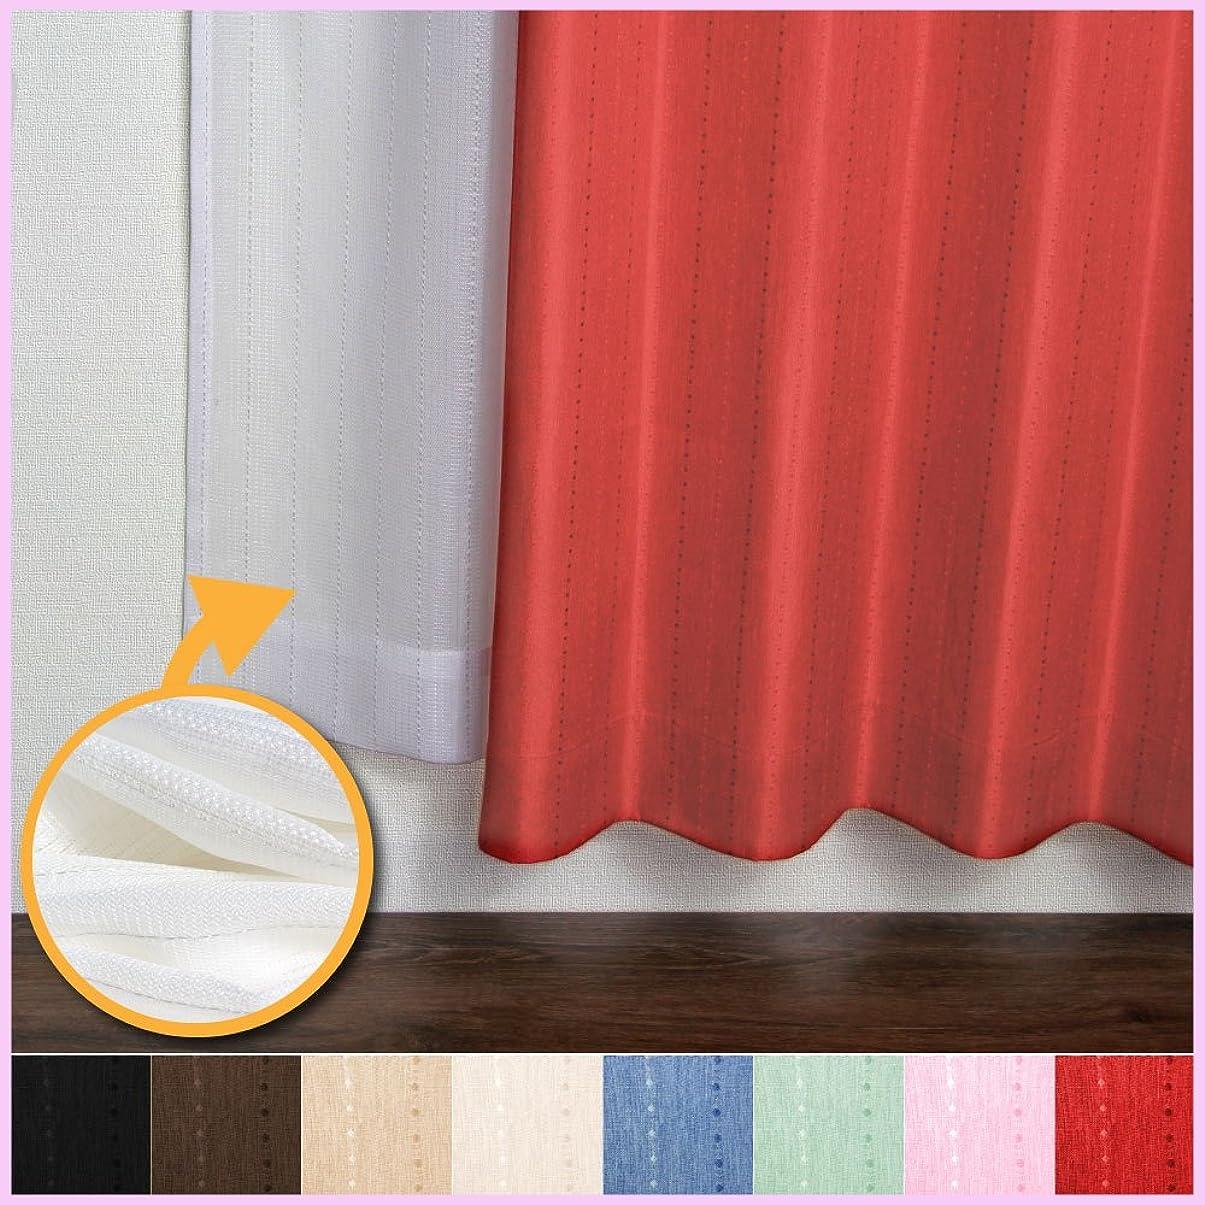 窓美人 ステップ ドットストライプ柄カーテン&UVカットミラーレース 各1枚 幅150×丈230(228)cm レッド